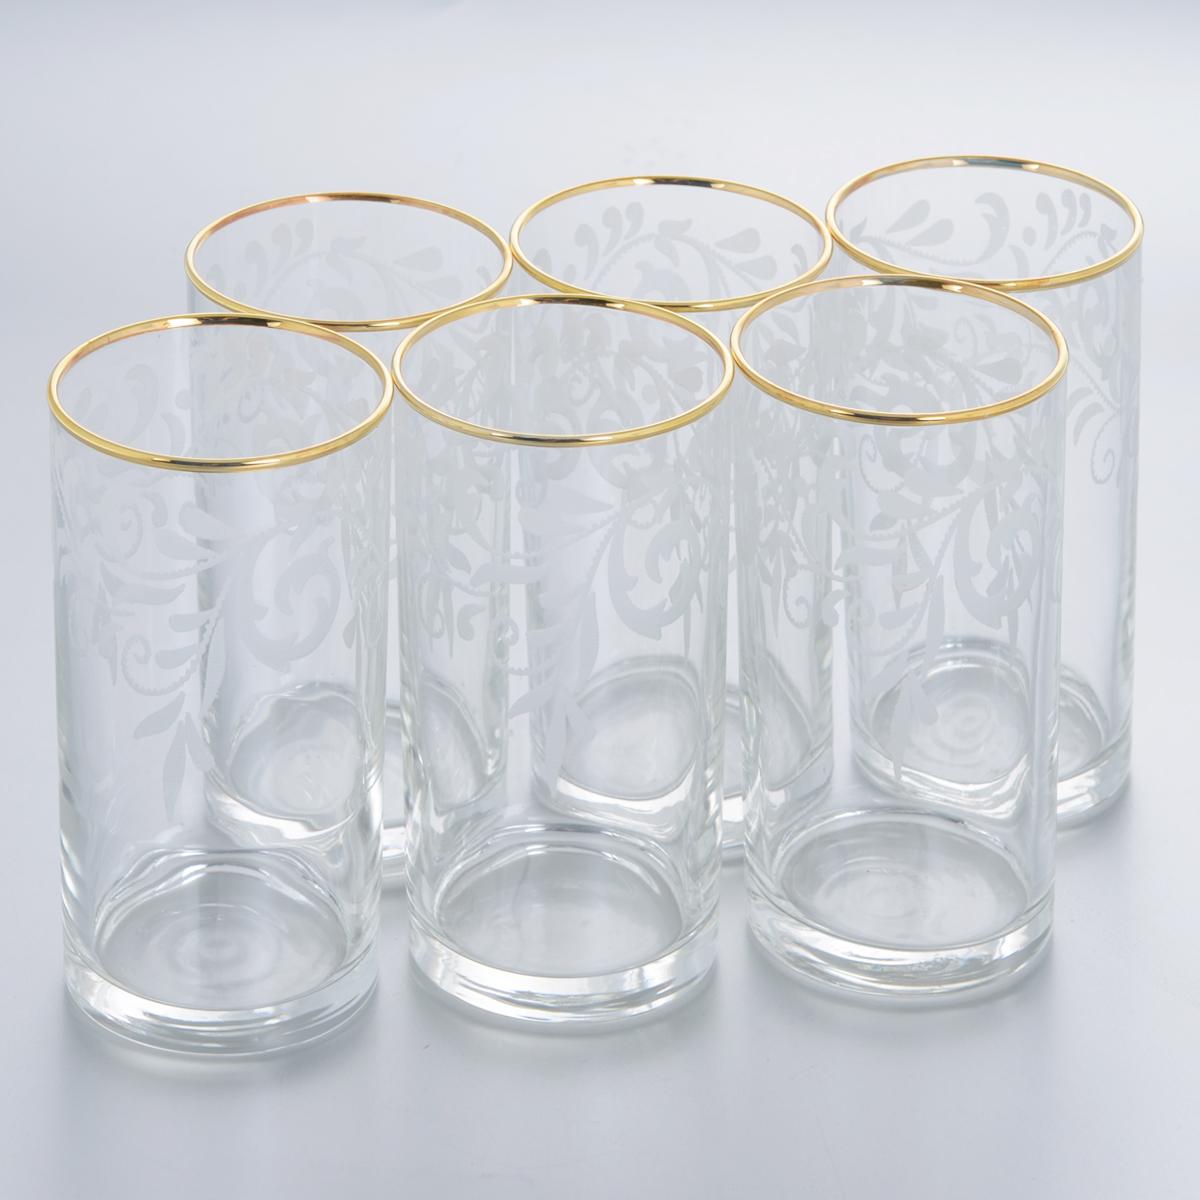 Набор стаканов для сока Гусь-Хрустальный Веточка, 290 мл, 6 штEL10-402Набор Гусь-Хрустальный Веточка состоит из 6 высоких стаканов, изготовленных из высококачественного натрий-кальций-силикатного стекла. Изделия оформлены красивым зеркальным покрытием и белым матовым орнаментом. Стаканы предназначены для подачи сока, а также воды и коктейлей. Такой набор прекрасно дополнит праздничный стол и станет желанным подарком в любом доме. Разрешается мыть в посудомоечной машине. Диаметр стакана (по верхнему краю): 6 см. Высота стакана: 13,5 см. Уважаемые клиенты! Обращаем ваше внимание на незначительные изменения в дизайне товара, допускаемые производителем. Поставка осуществляется в зависимости от наличия на складе.